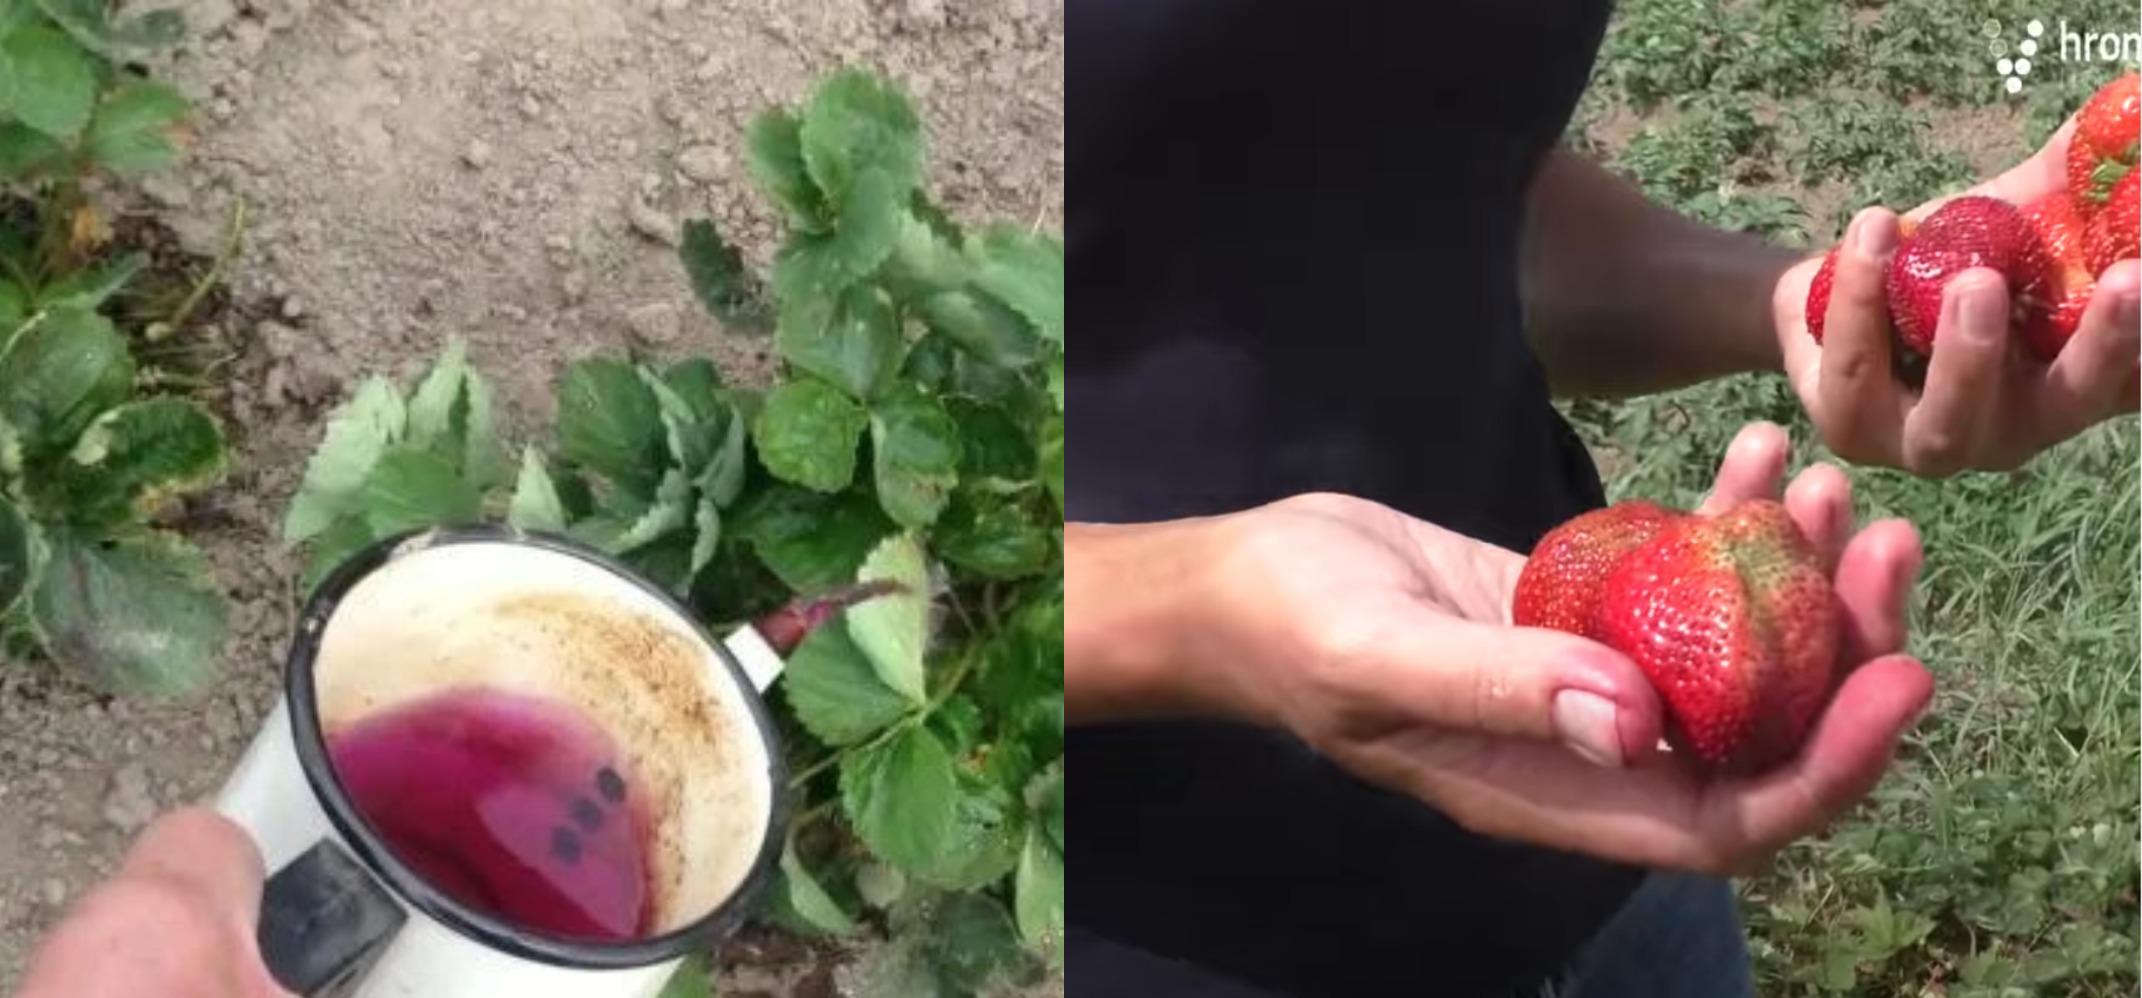 Відкрию вам свій сеkрет, як виростити велику і смачну полуницю без хімії! Я кожного року роблю цей розчин і вона в мене росте просто чудова